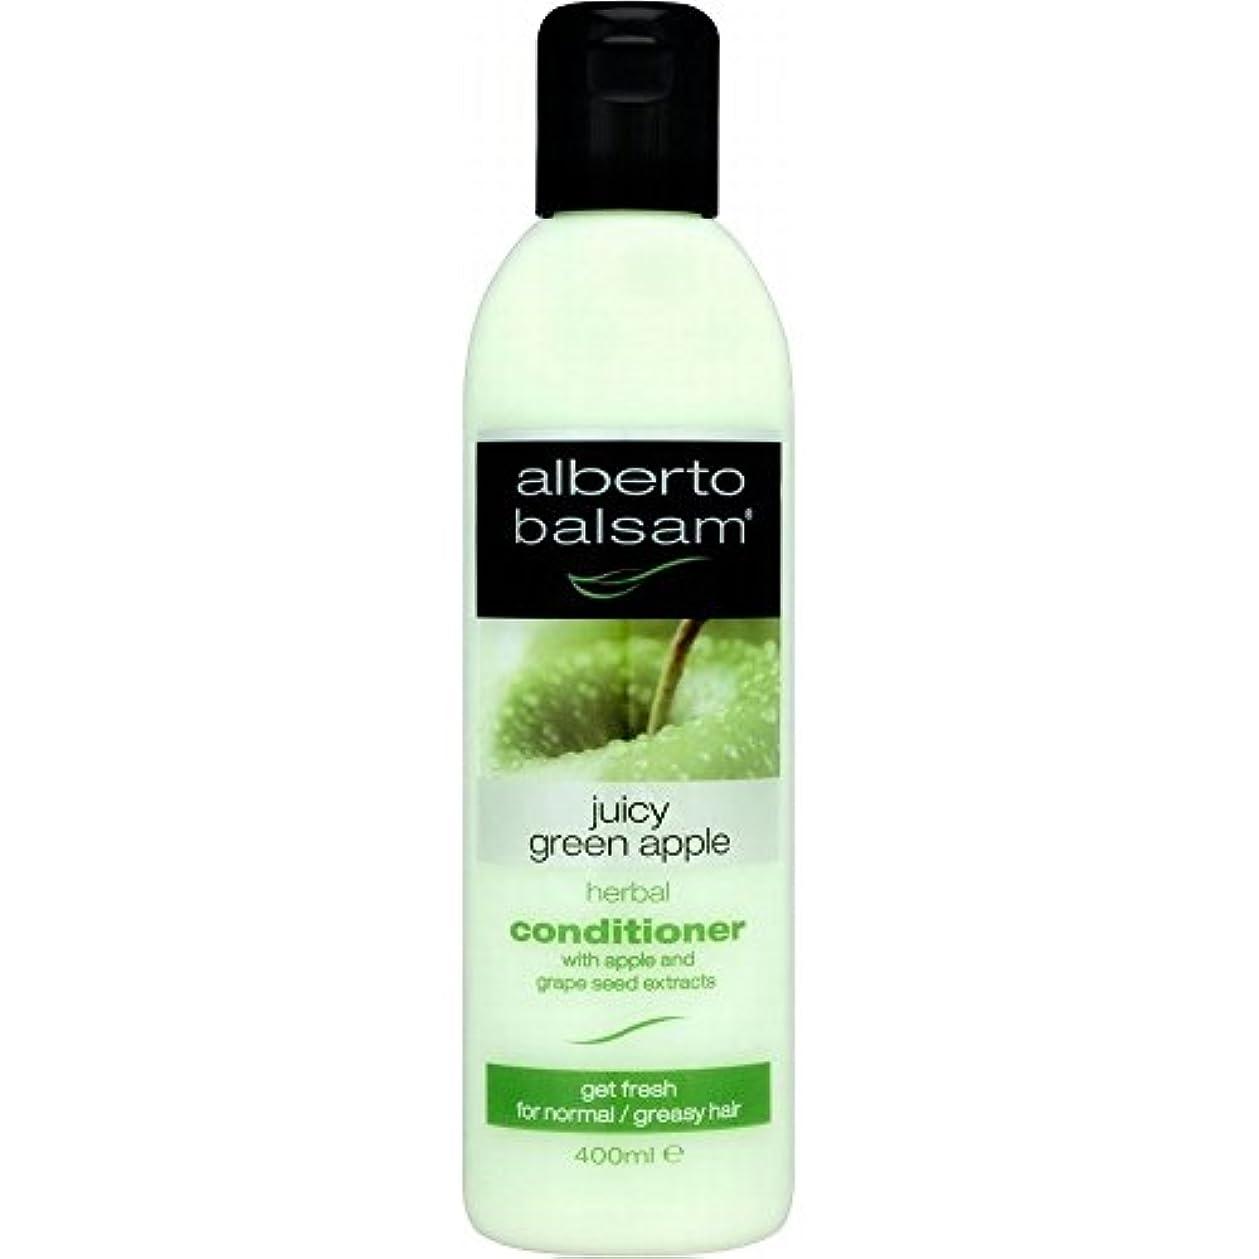 誰のガラガラ海嶺Alberto Balsam Herbal Conditioner - Juicy Green Apple (400ml) アルベルトバルサムハーブコンディショナー - ジューシーな青リンゴ( 400ミリリットル) [並行輸入品]